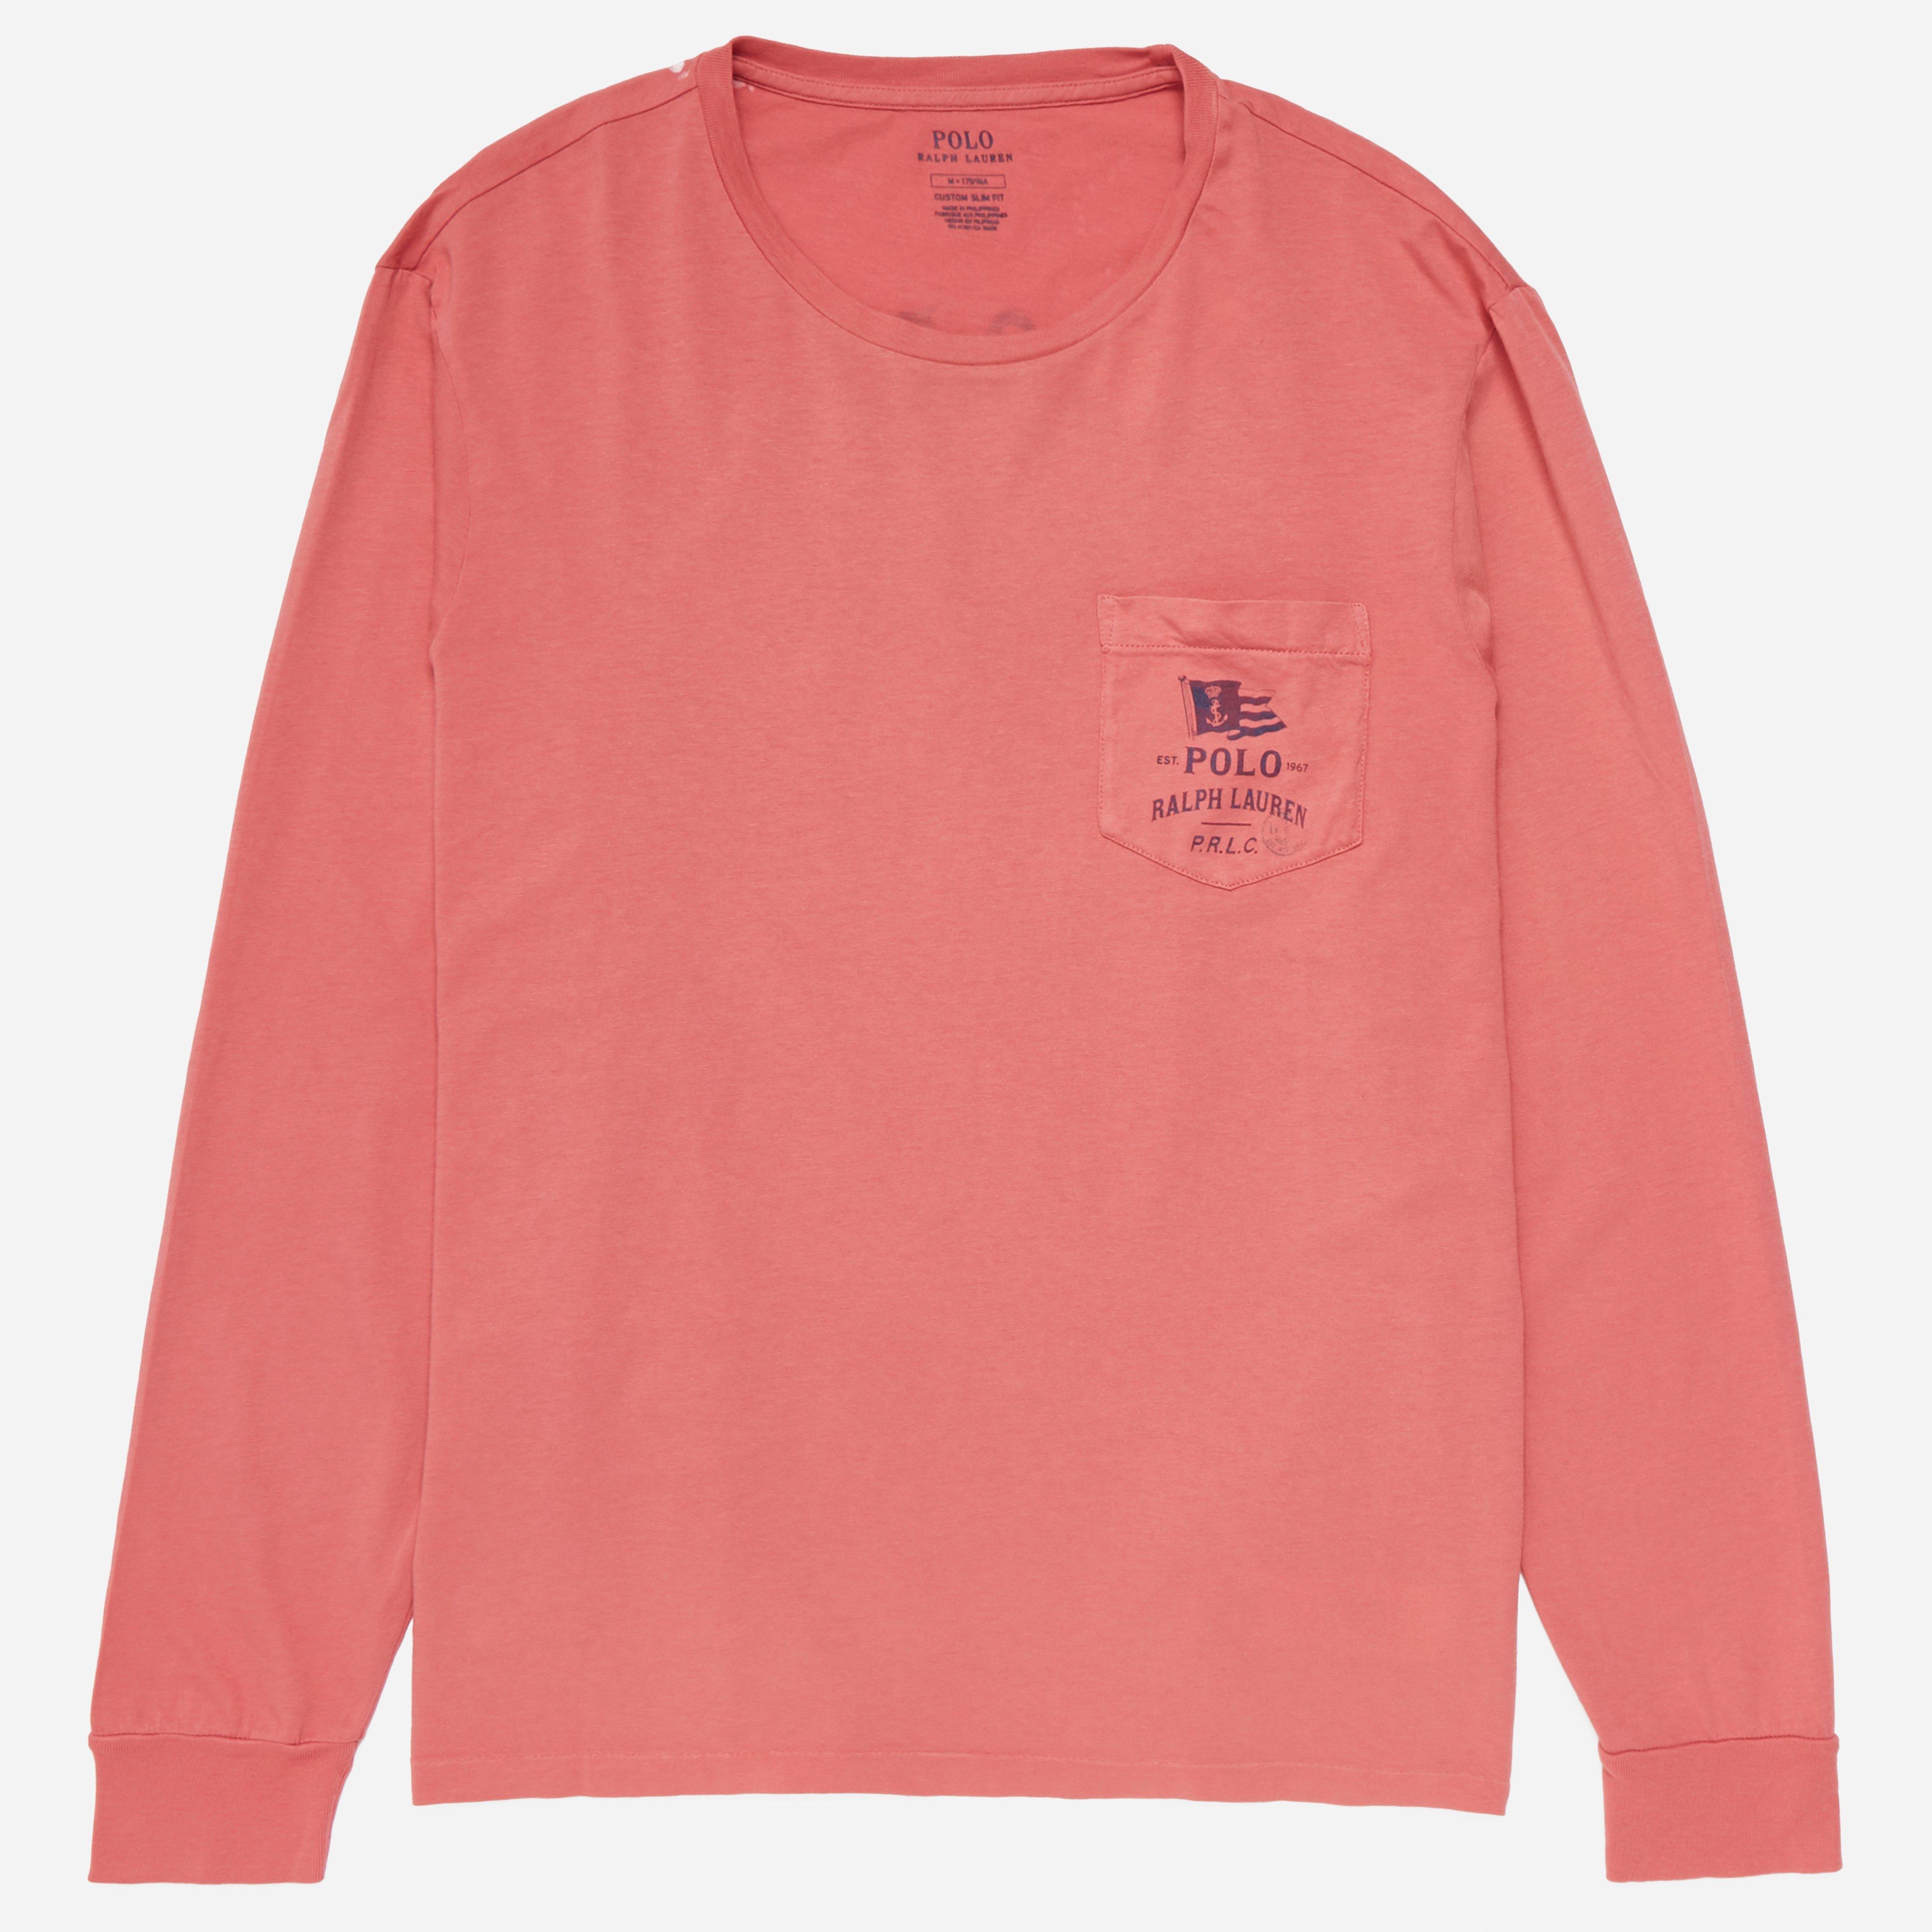 Polo Ralph Lauren Logo Pocket Long Sleeve T-shirt